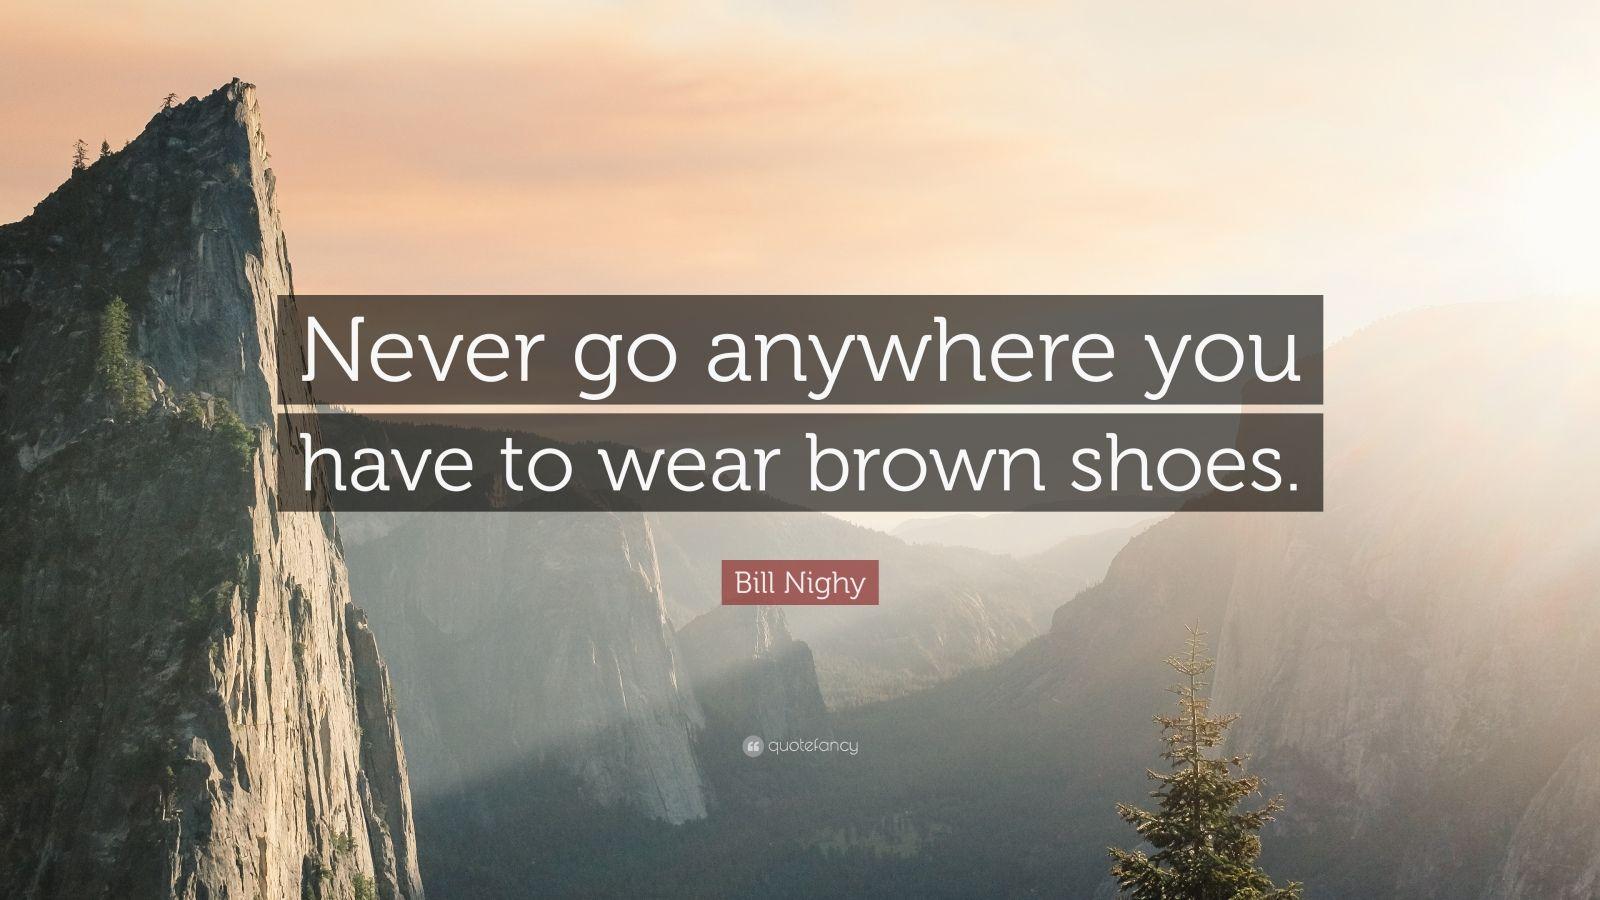 Do you go anywhere 8